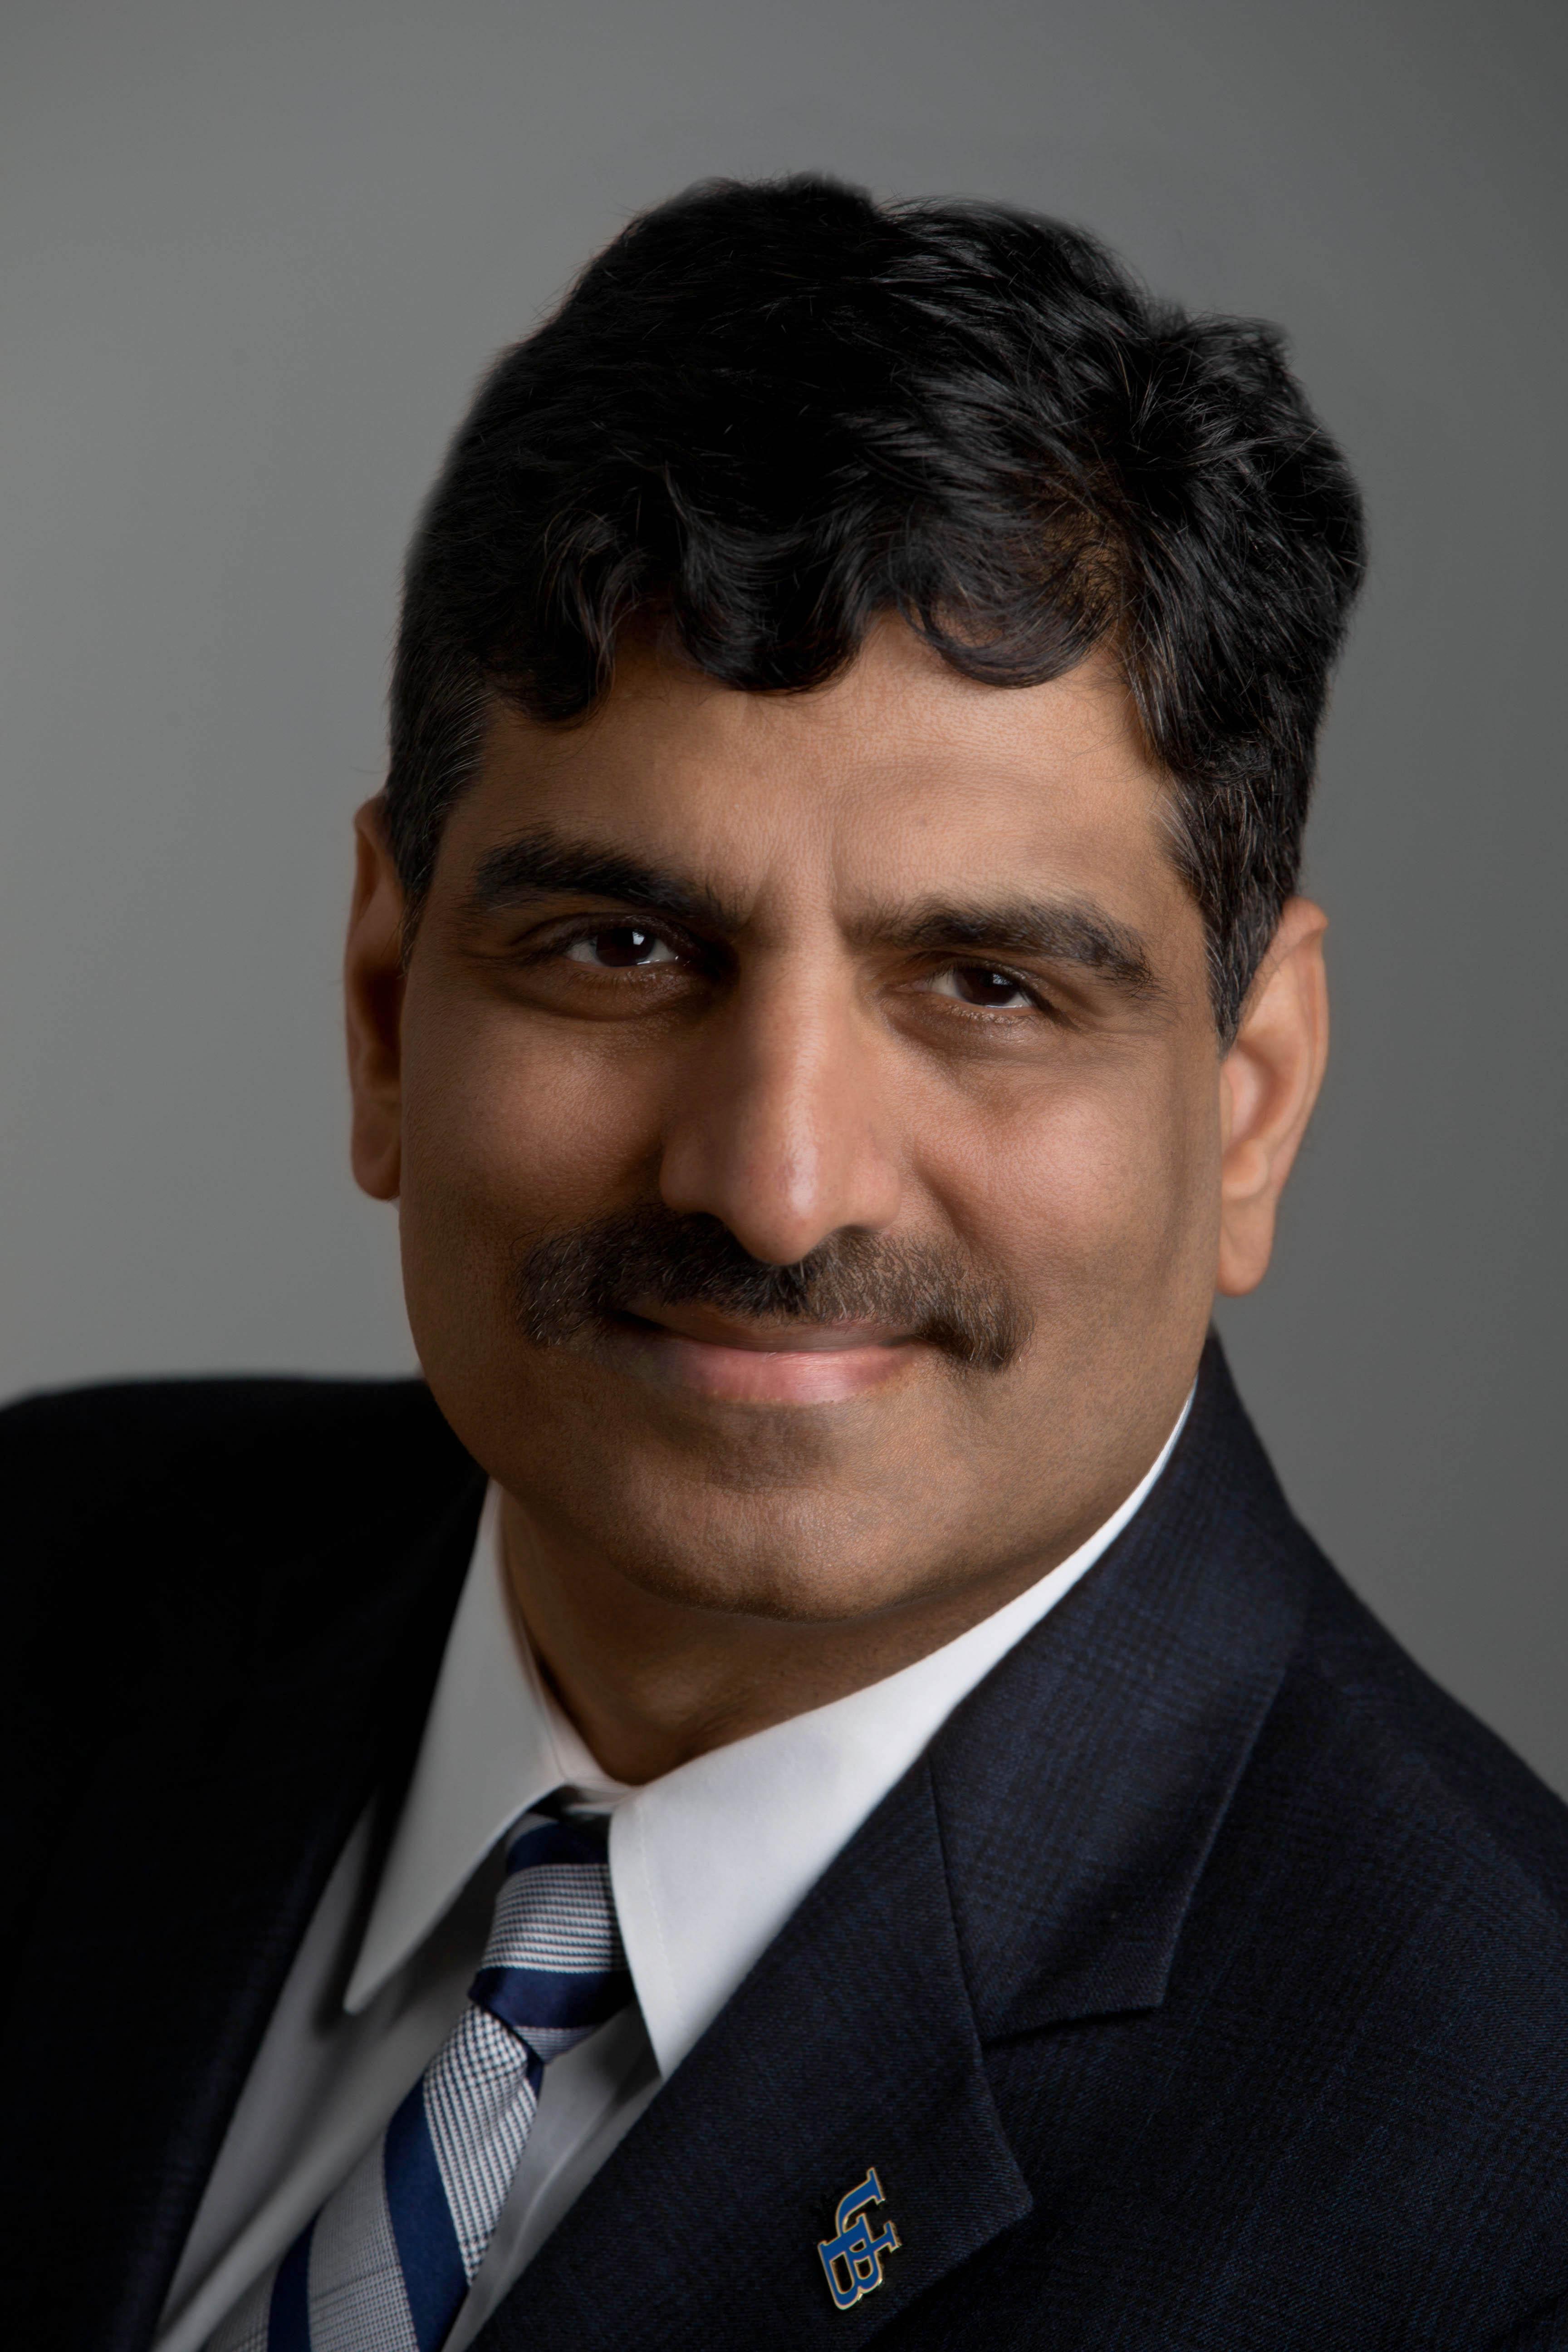 Dr. Venu Govindaraju